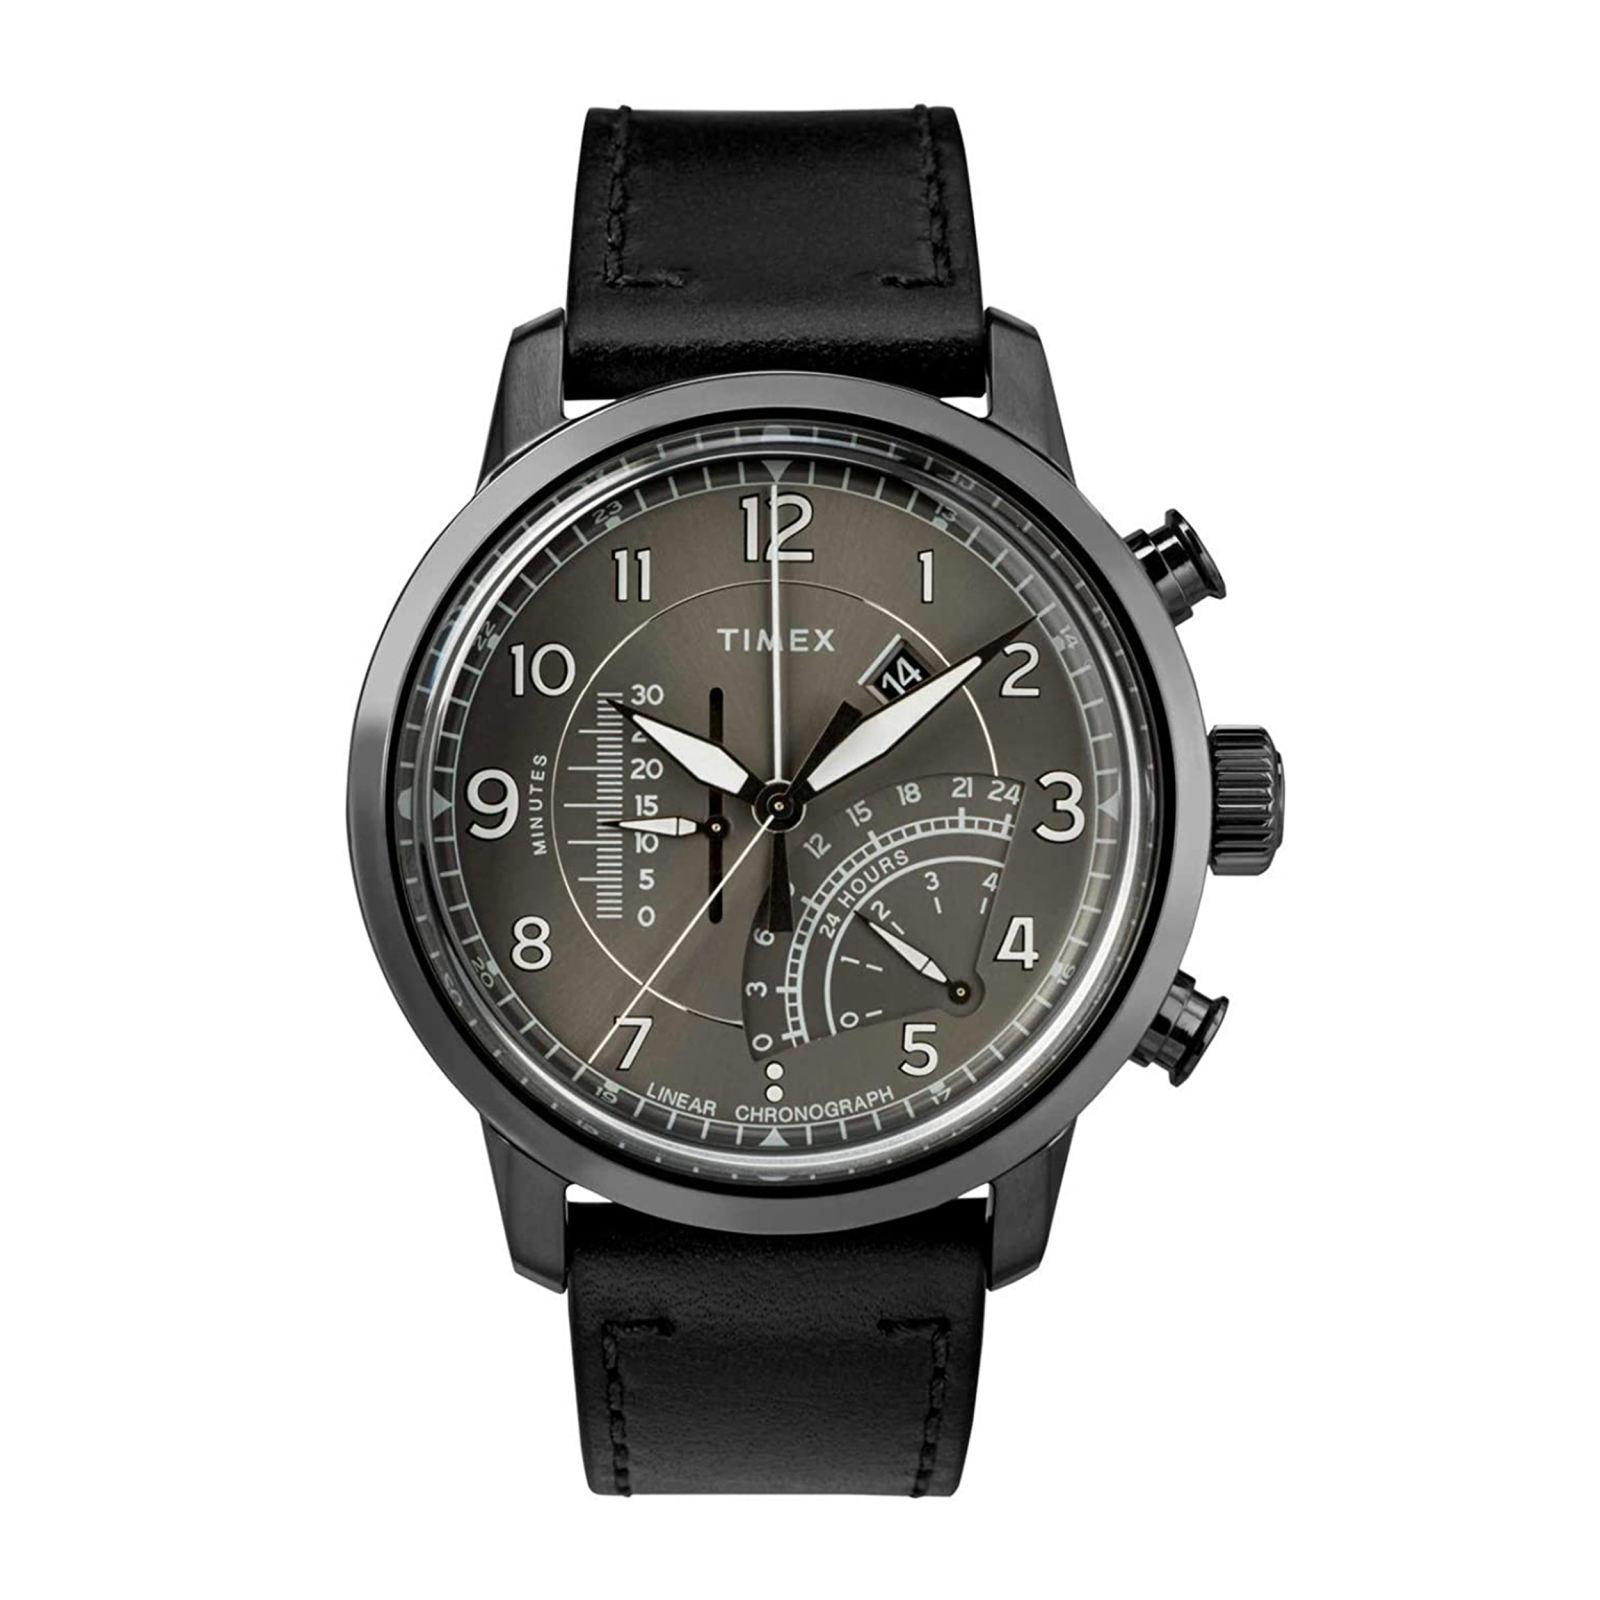 ساعت مچی عقربه ای مردانه تایمکس مدل TW2R69000